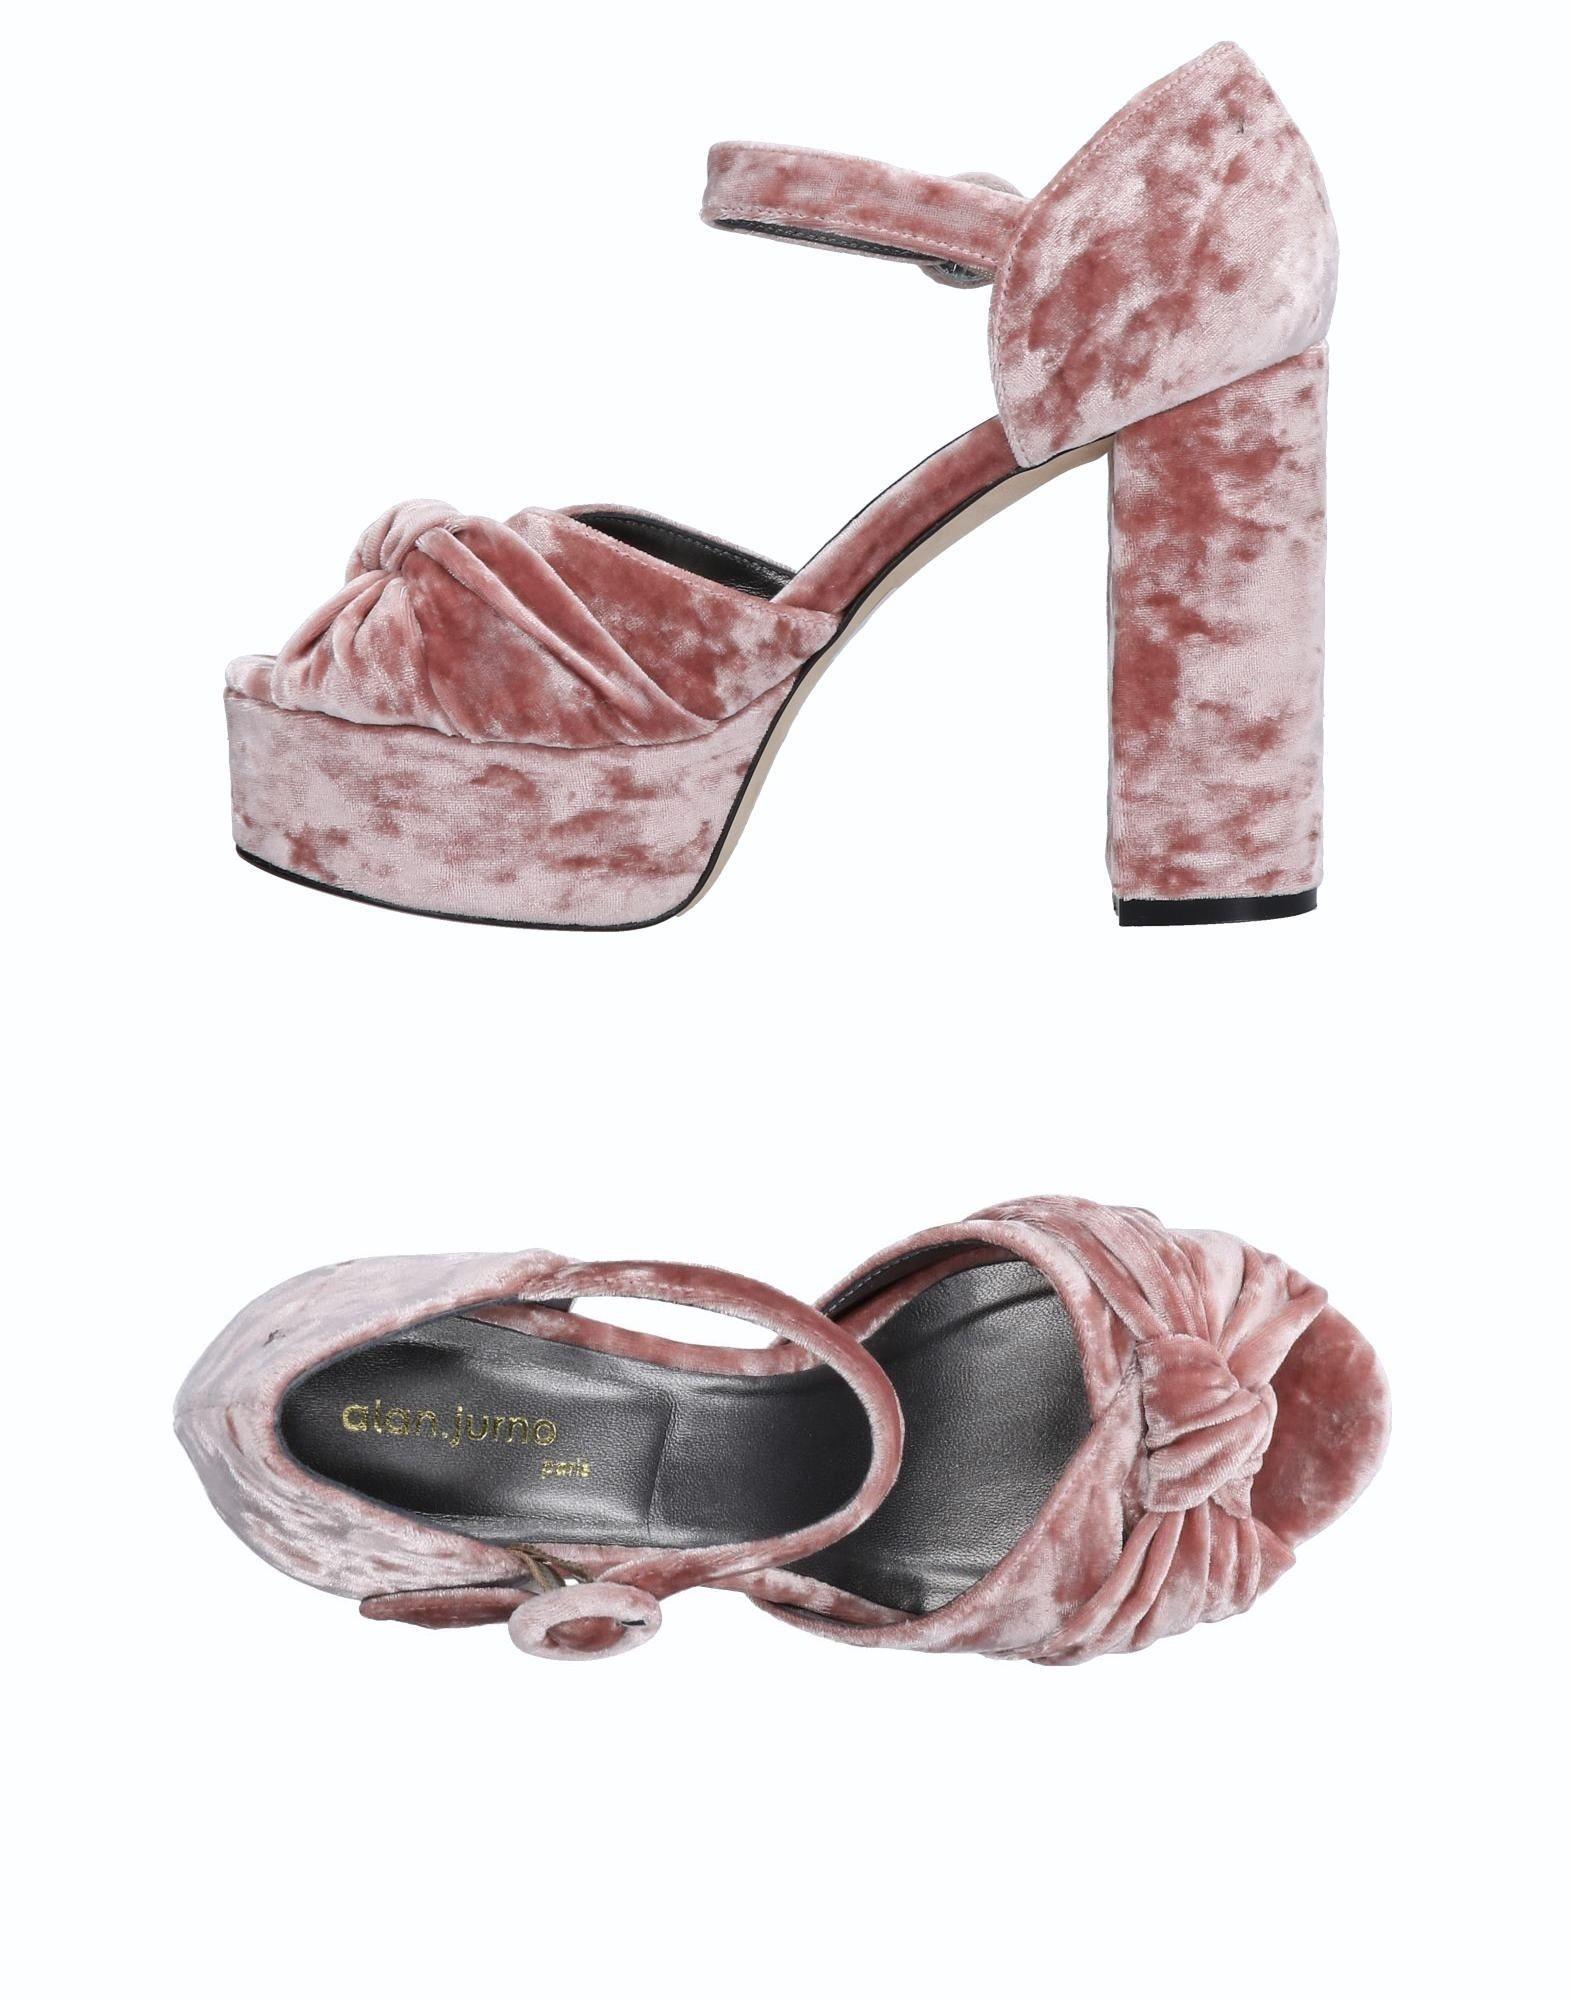 Gut Jurno um billige Schuhe zu tragenAlan Jurno Gut Pumps Damen  11512745CD 13d507